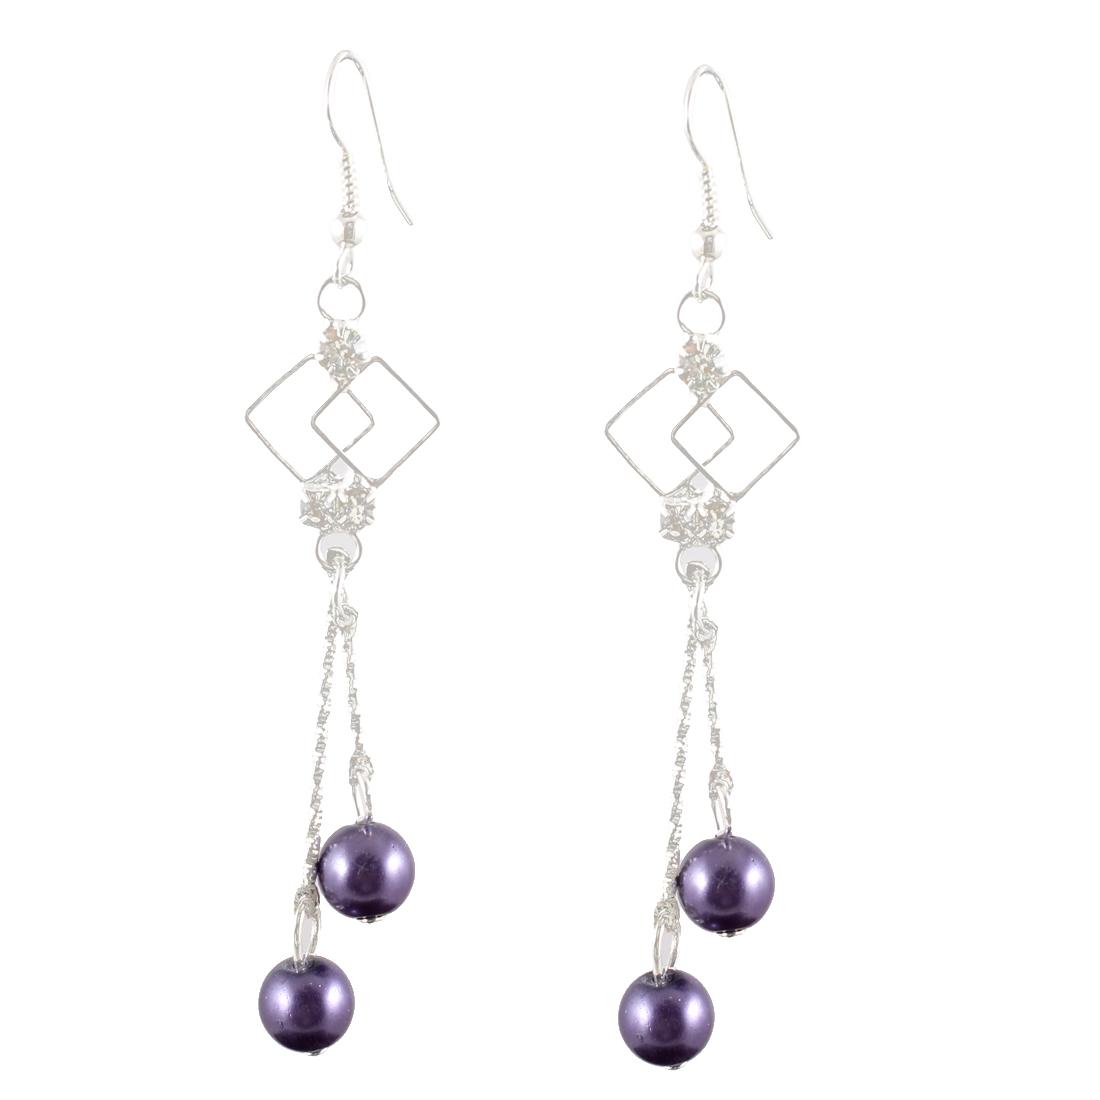 Women Rhinestone Inlaid Dark Purple Cherry Shaped Beads Dangle Hook Earrings Pair